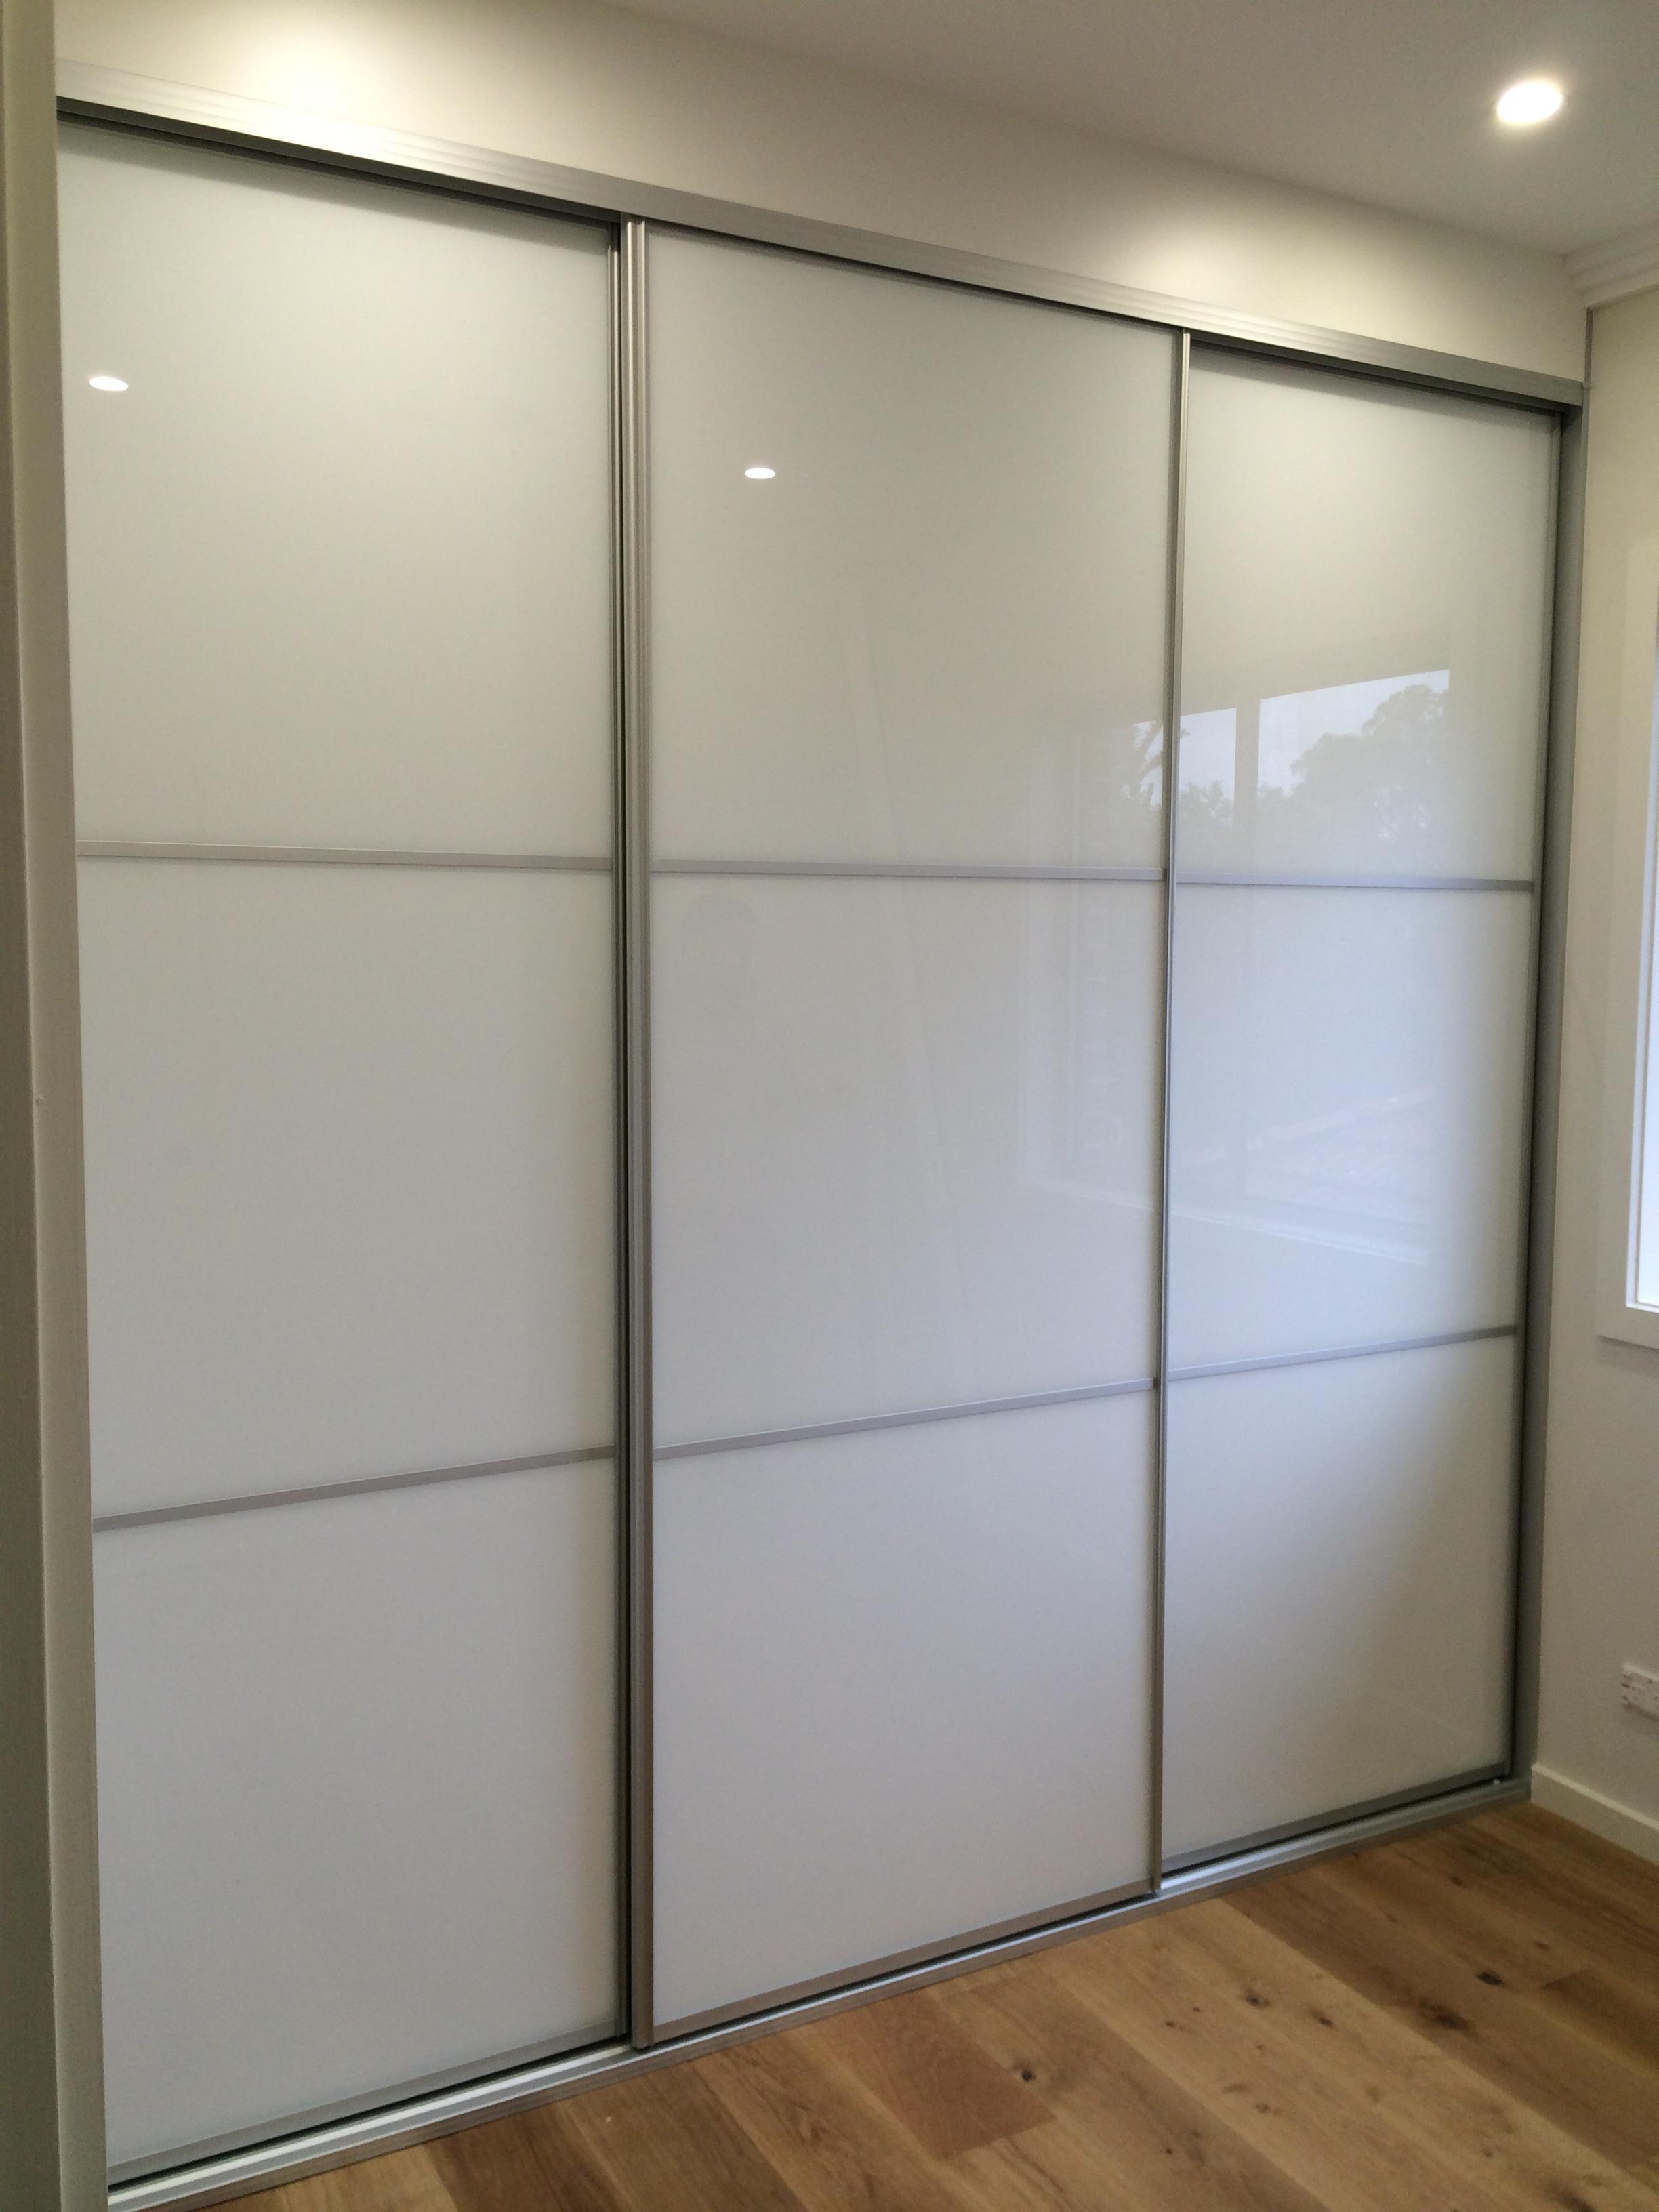 ultrawhite glass sliding doors with matte silver frame.JPG